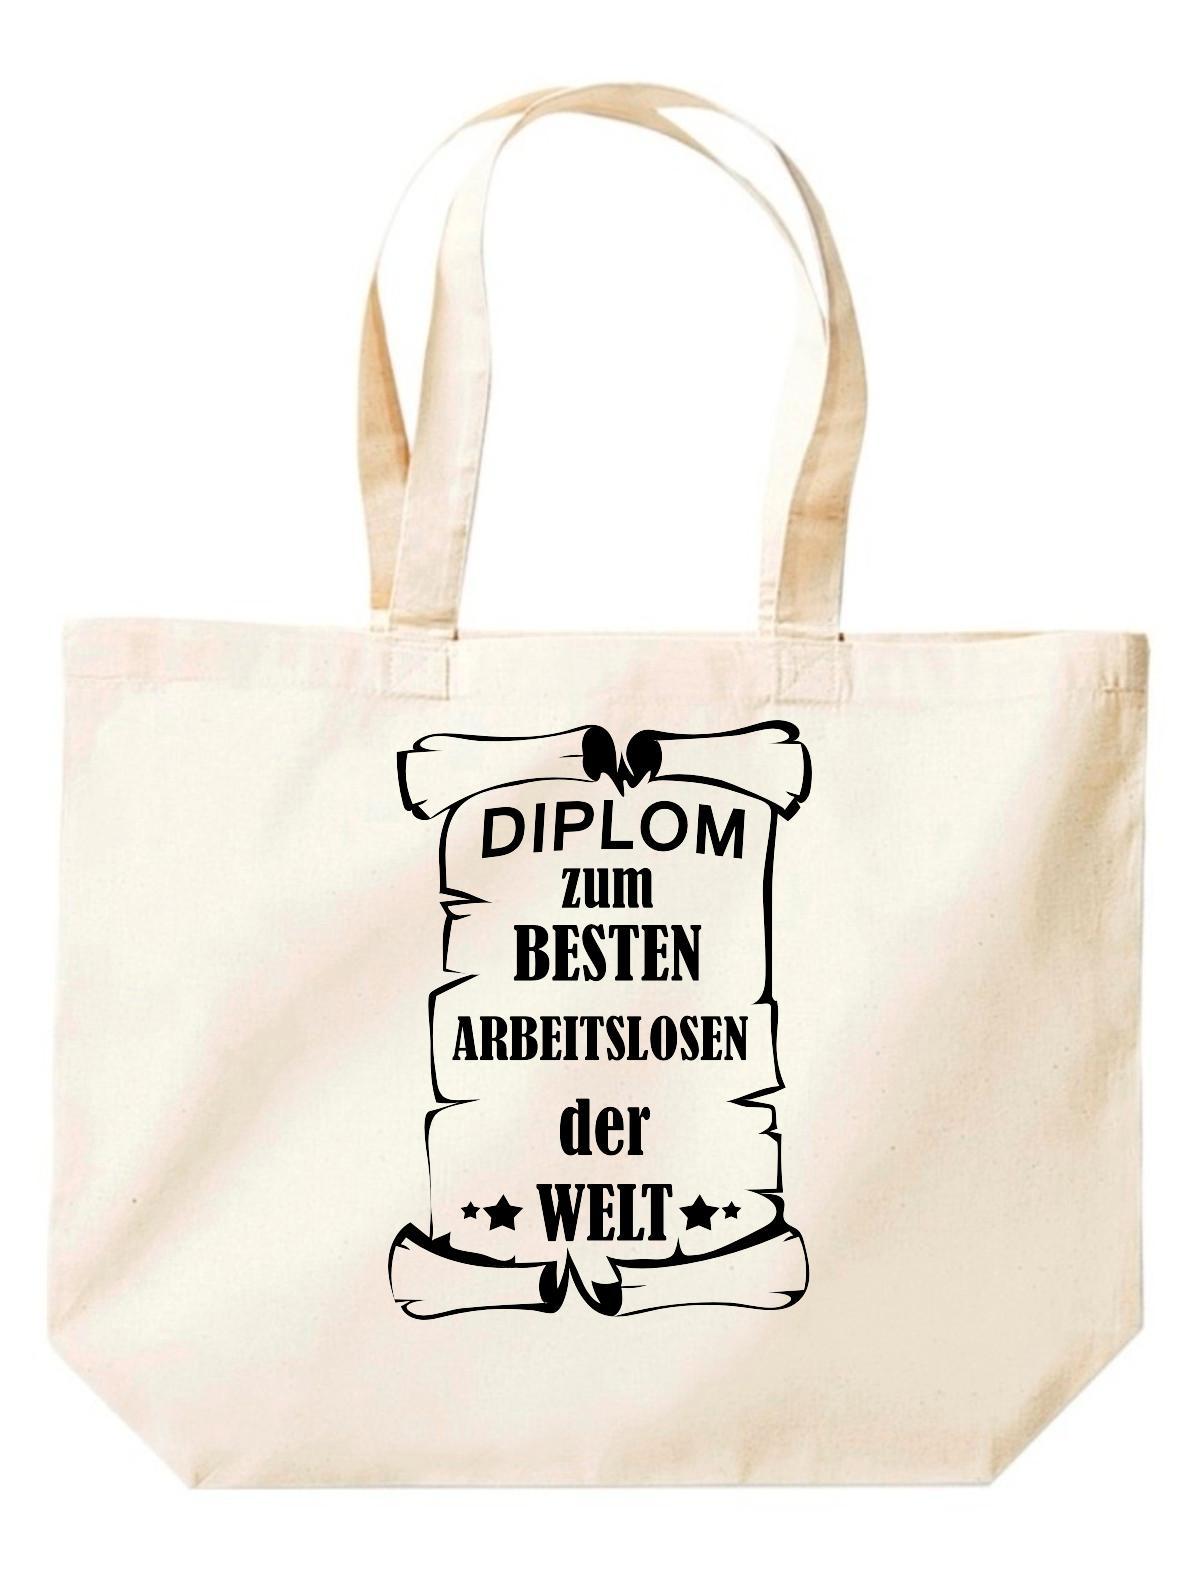 große Einkaufstasche, Diplom zum besten Arbeitslosen der Welt,